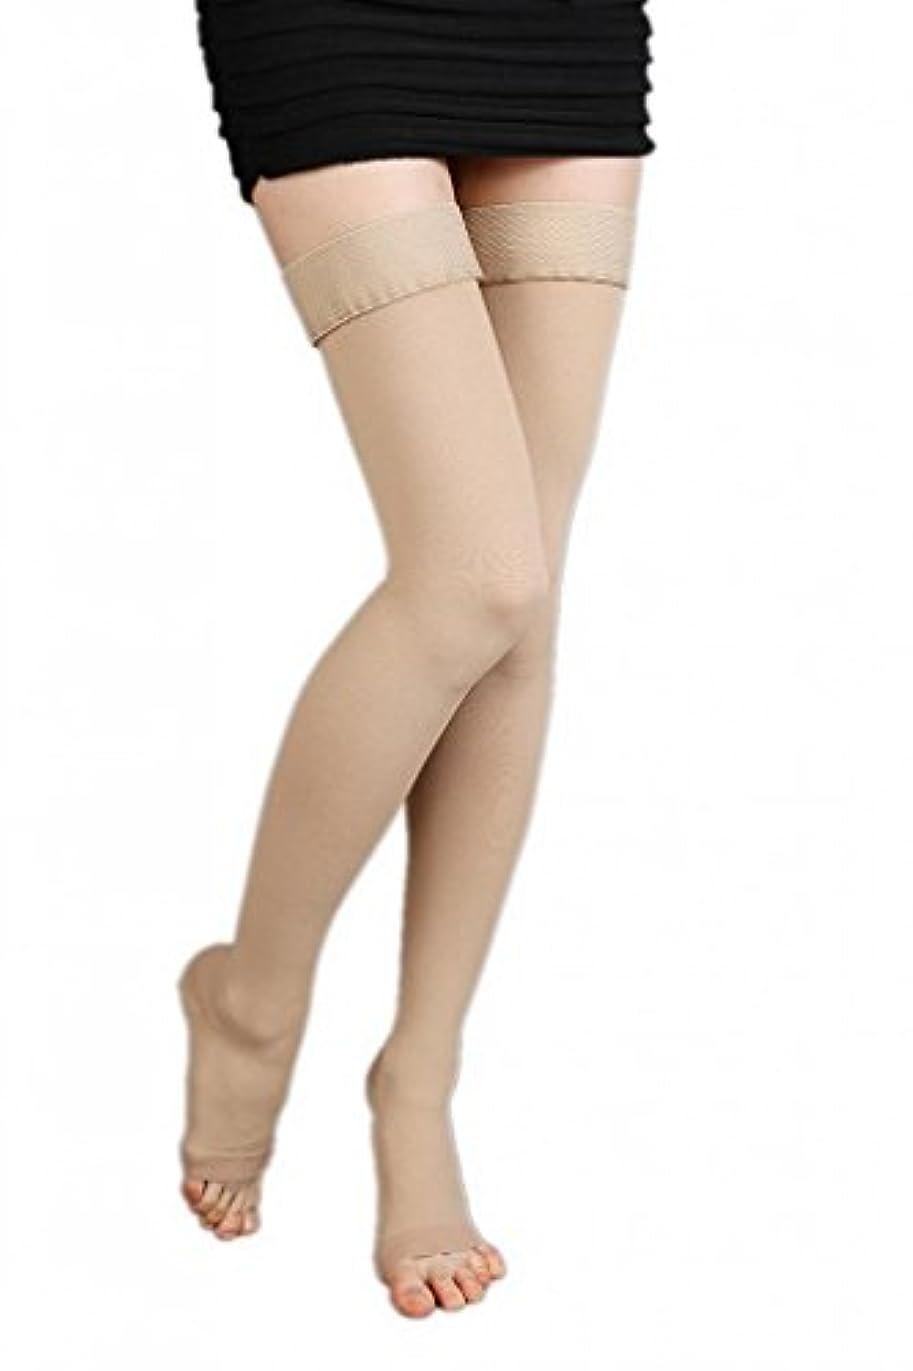 目的サロンシーズン(ラボーグ)La Vogue 美脚 着圧オーバーニーソックス ハイソックス 靴下 弾性ストッキング つま先なし着圧ソックス M 2級中圧 肌色